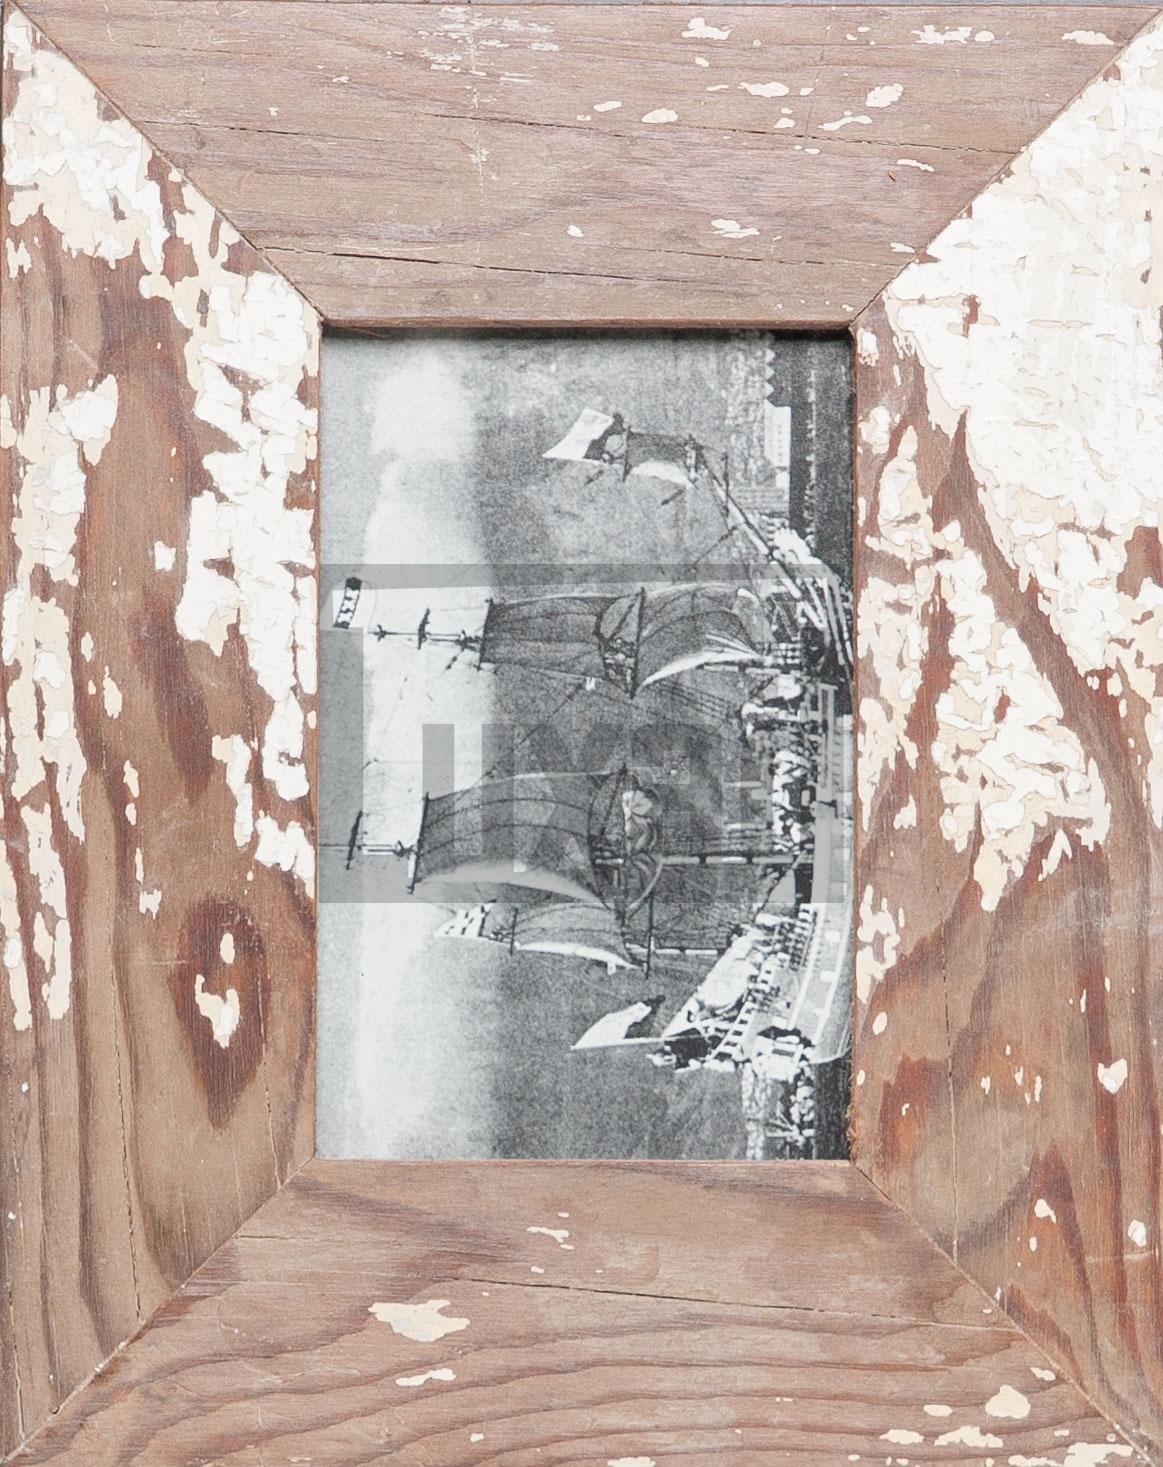 Vintage-Fotorahmen aus recyceltem Holz für die Bildgröße 10 x 15 cm